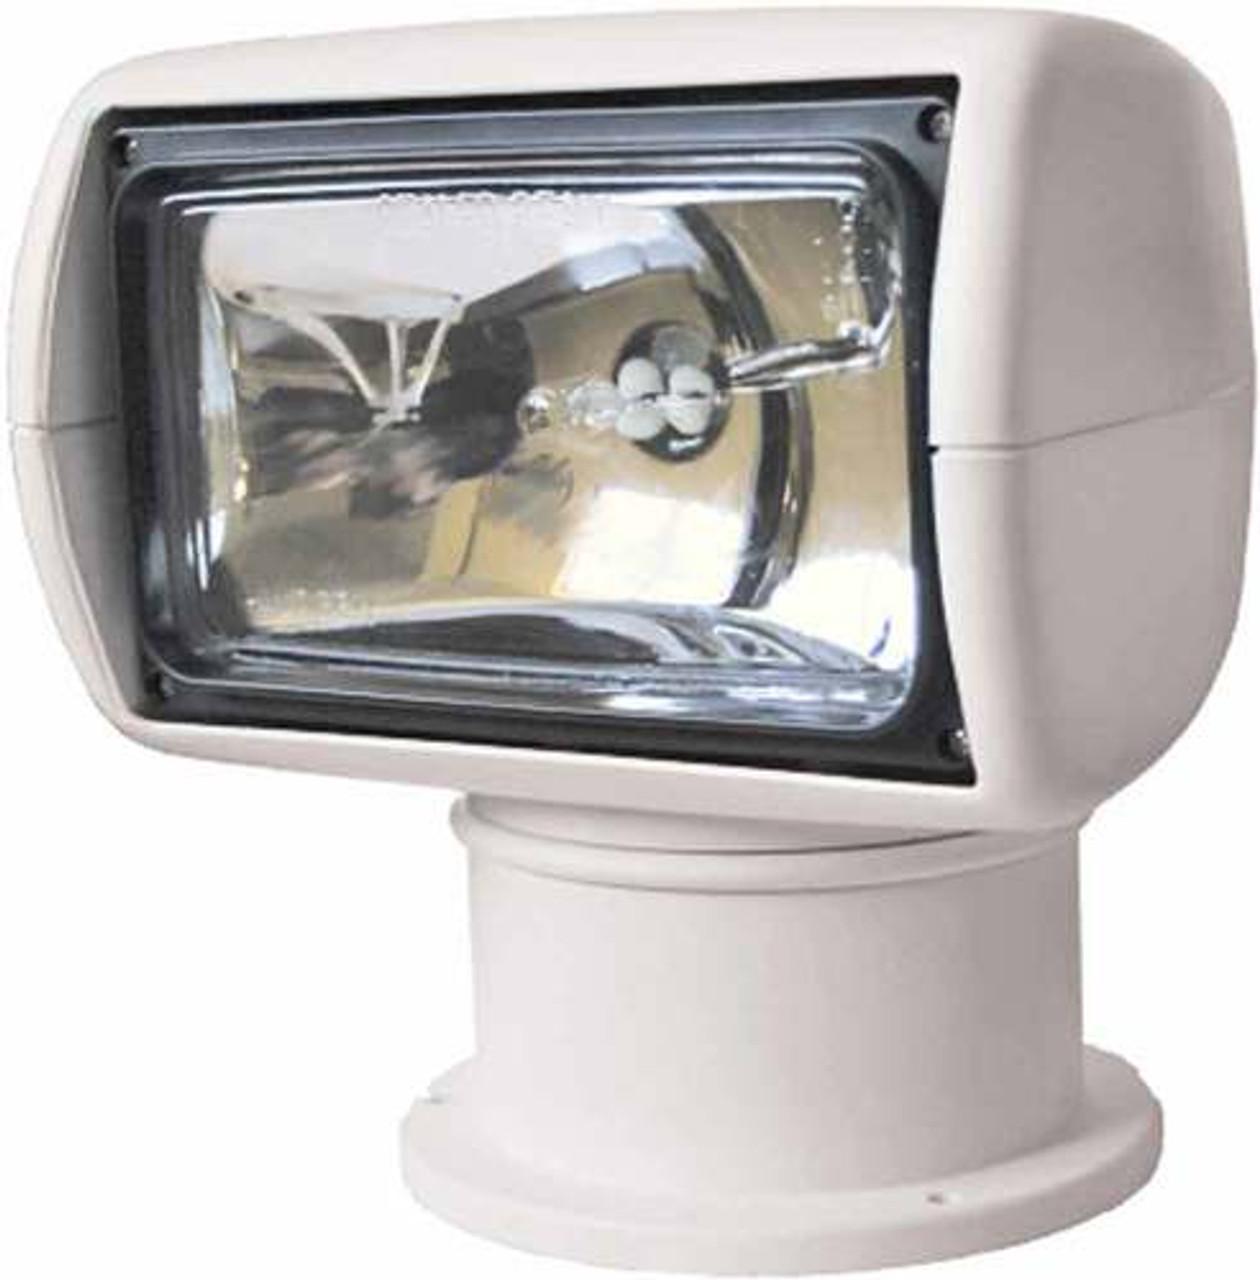 Jabsco 135SL Remote Control Searchlight (J60-099, J60-100, J60-101)